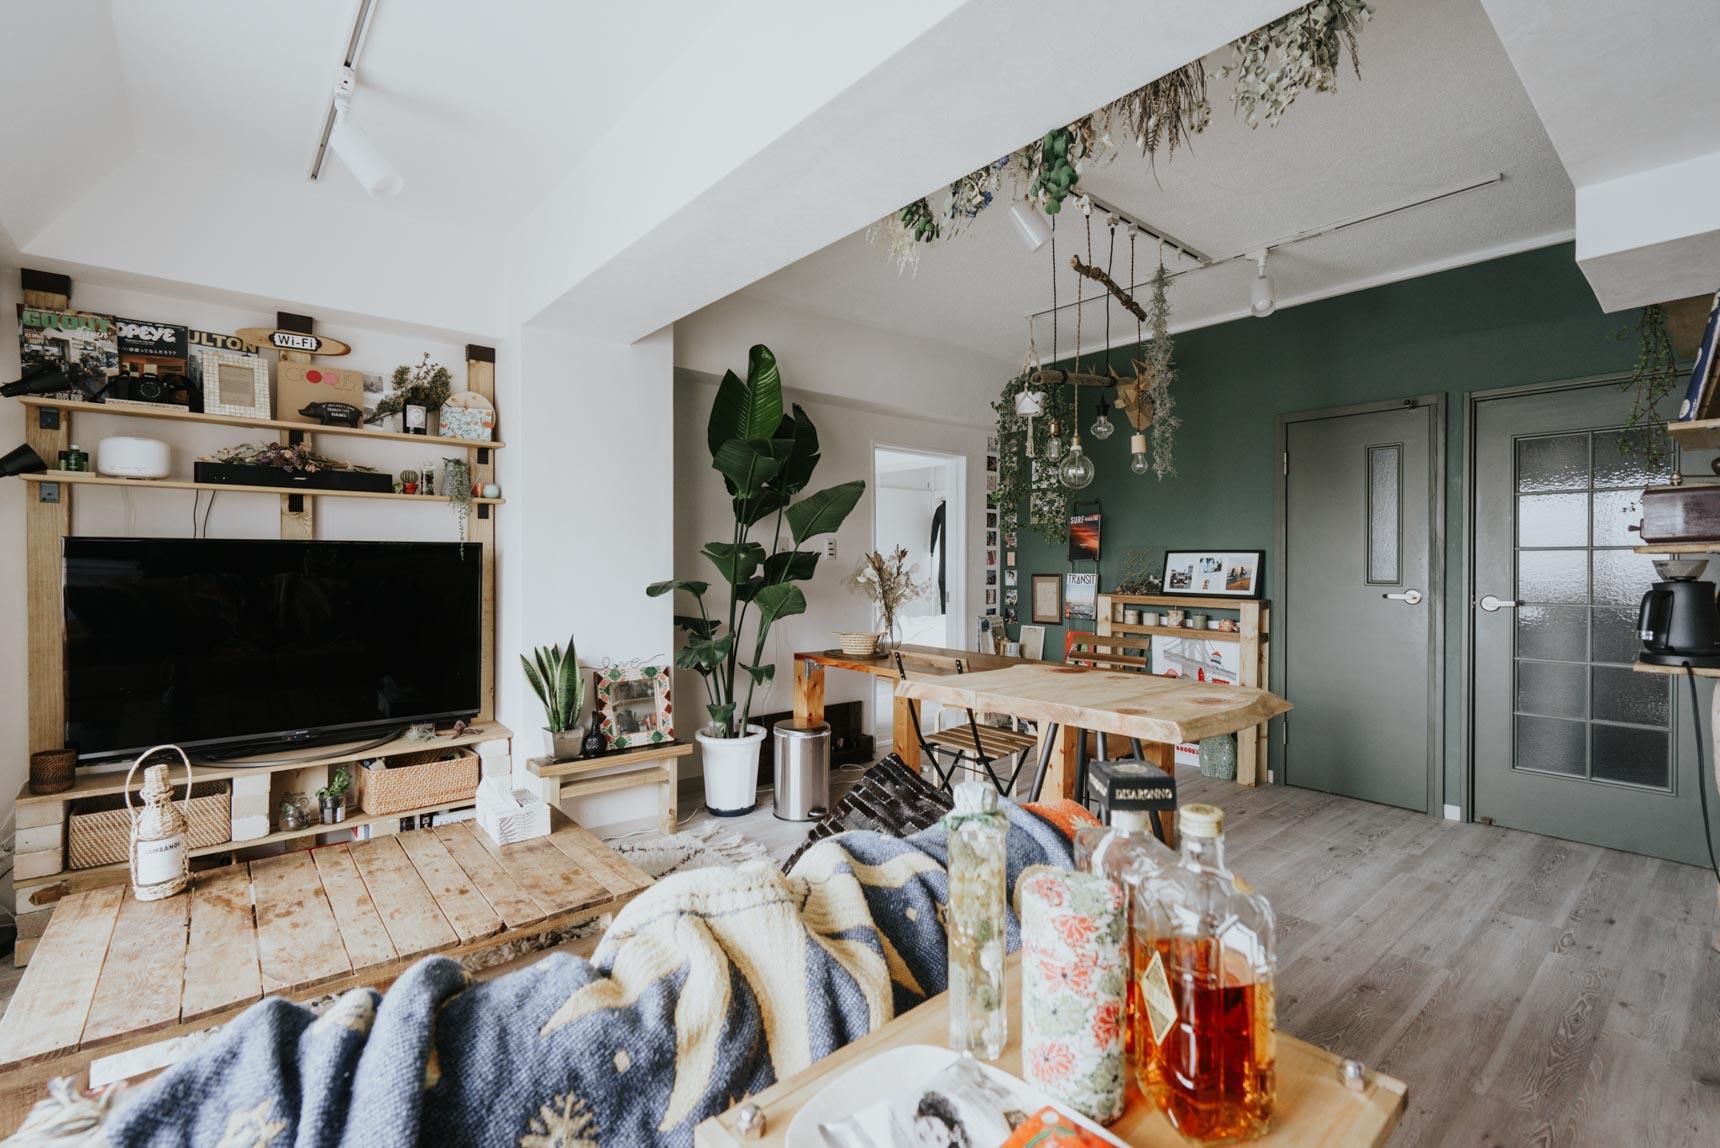 巧みに家具が配置されているのと、全体のバランスが取れているため、とても広々と感じる空間に。